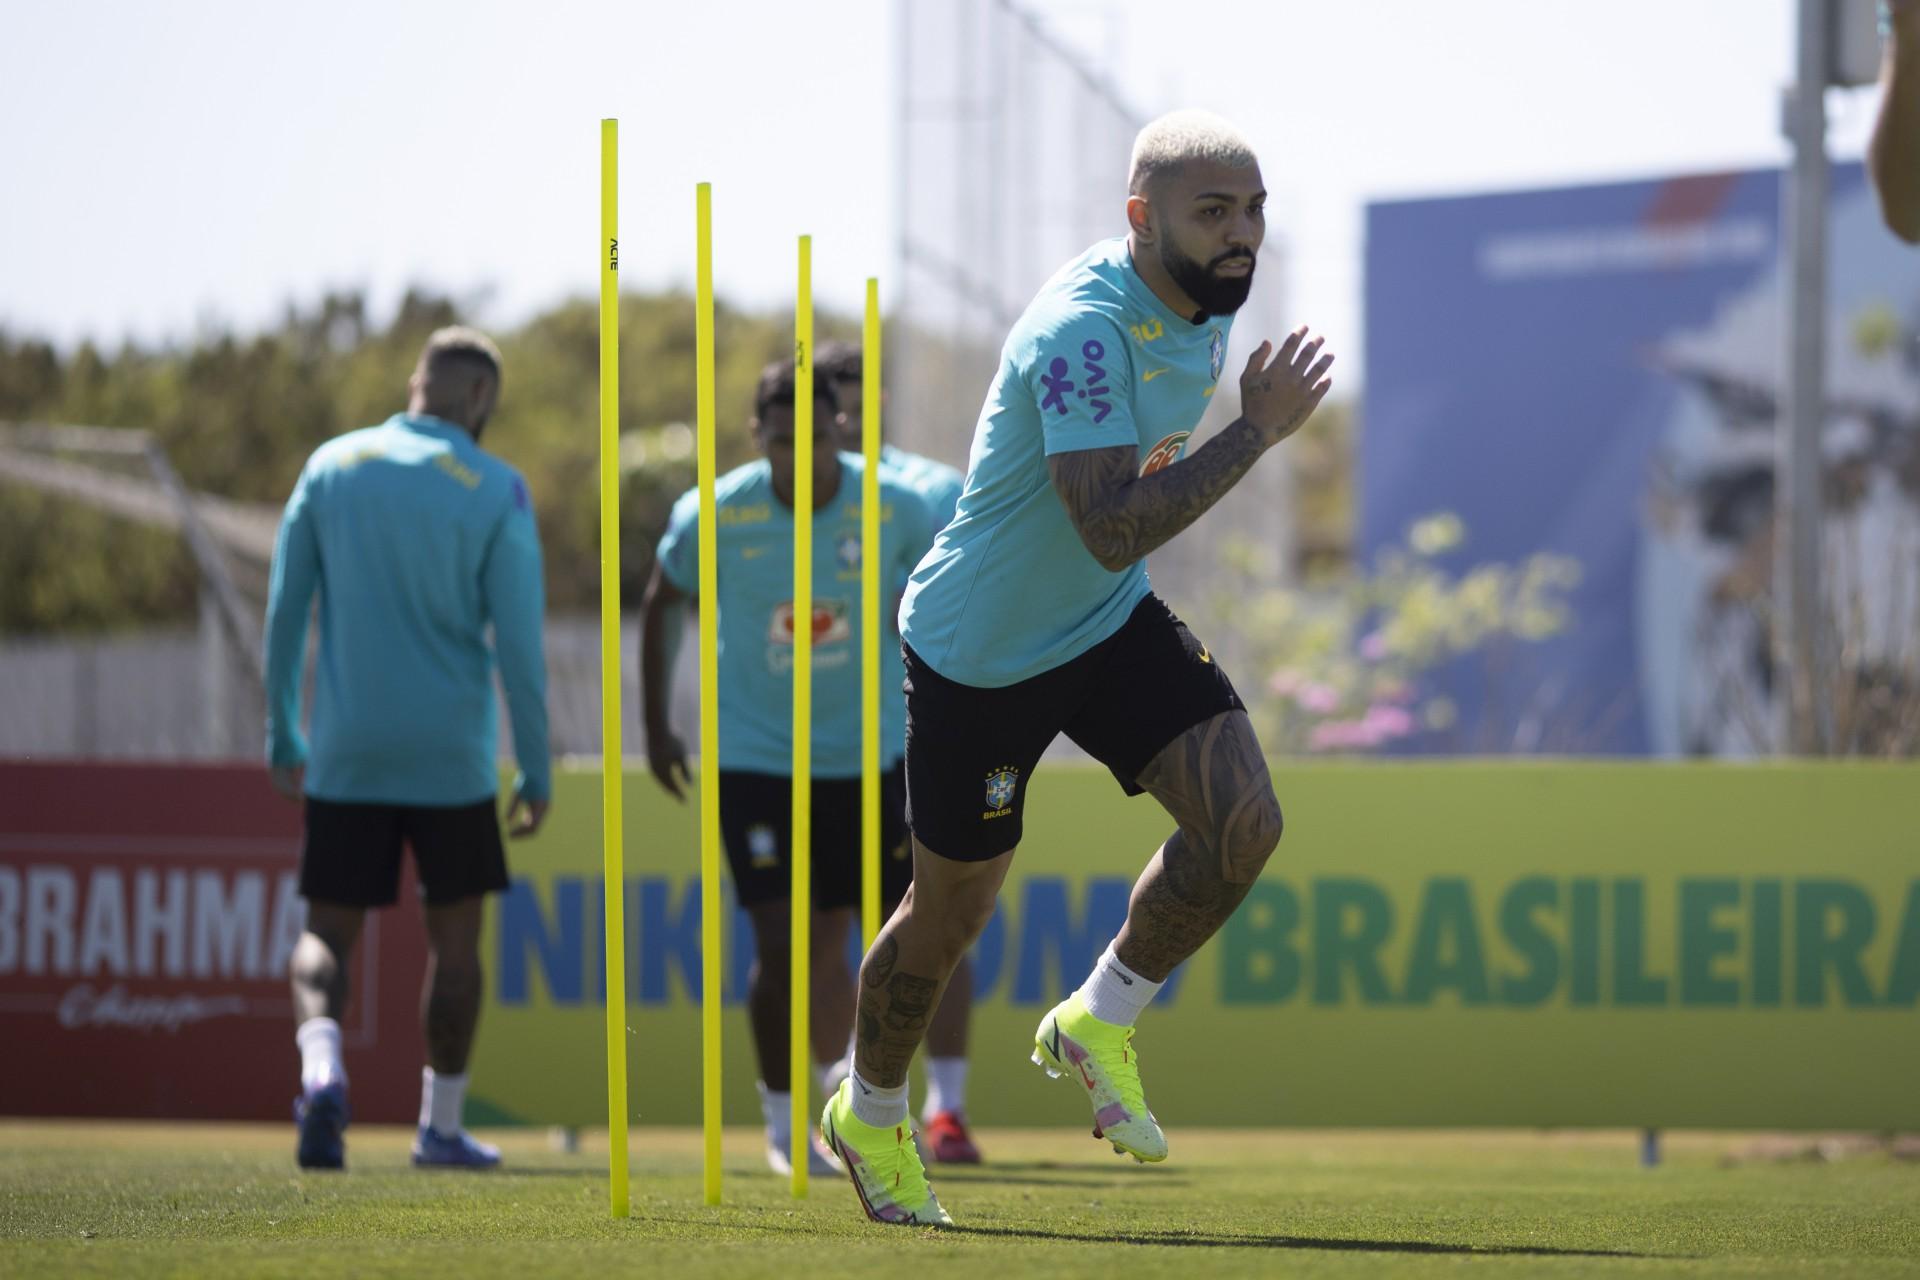 Gabigol descarta clima de revanche contra a Argentina e fala sobre pressão no Flamengo e Seleção